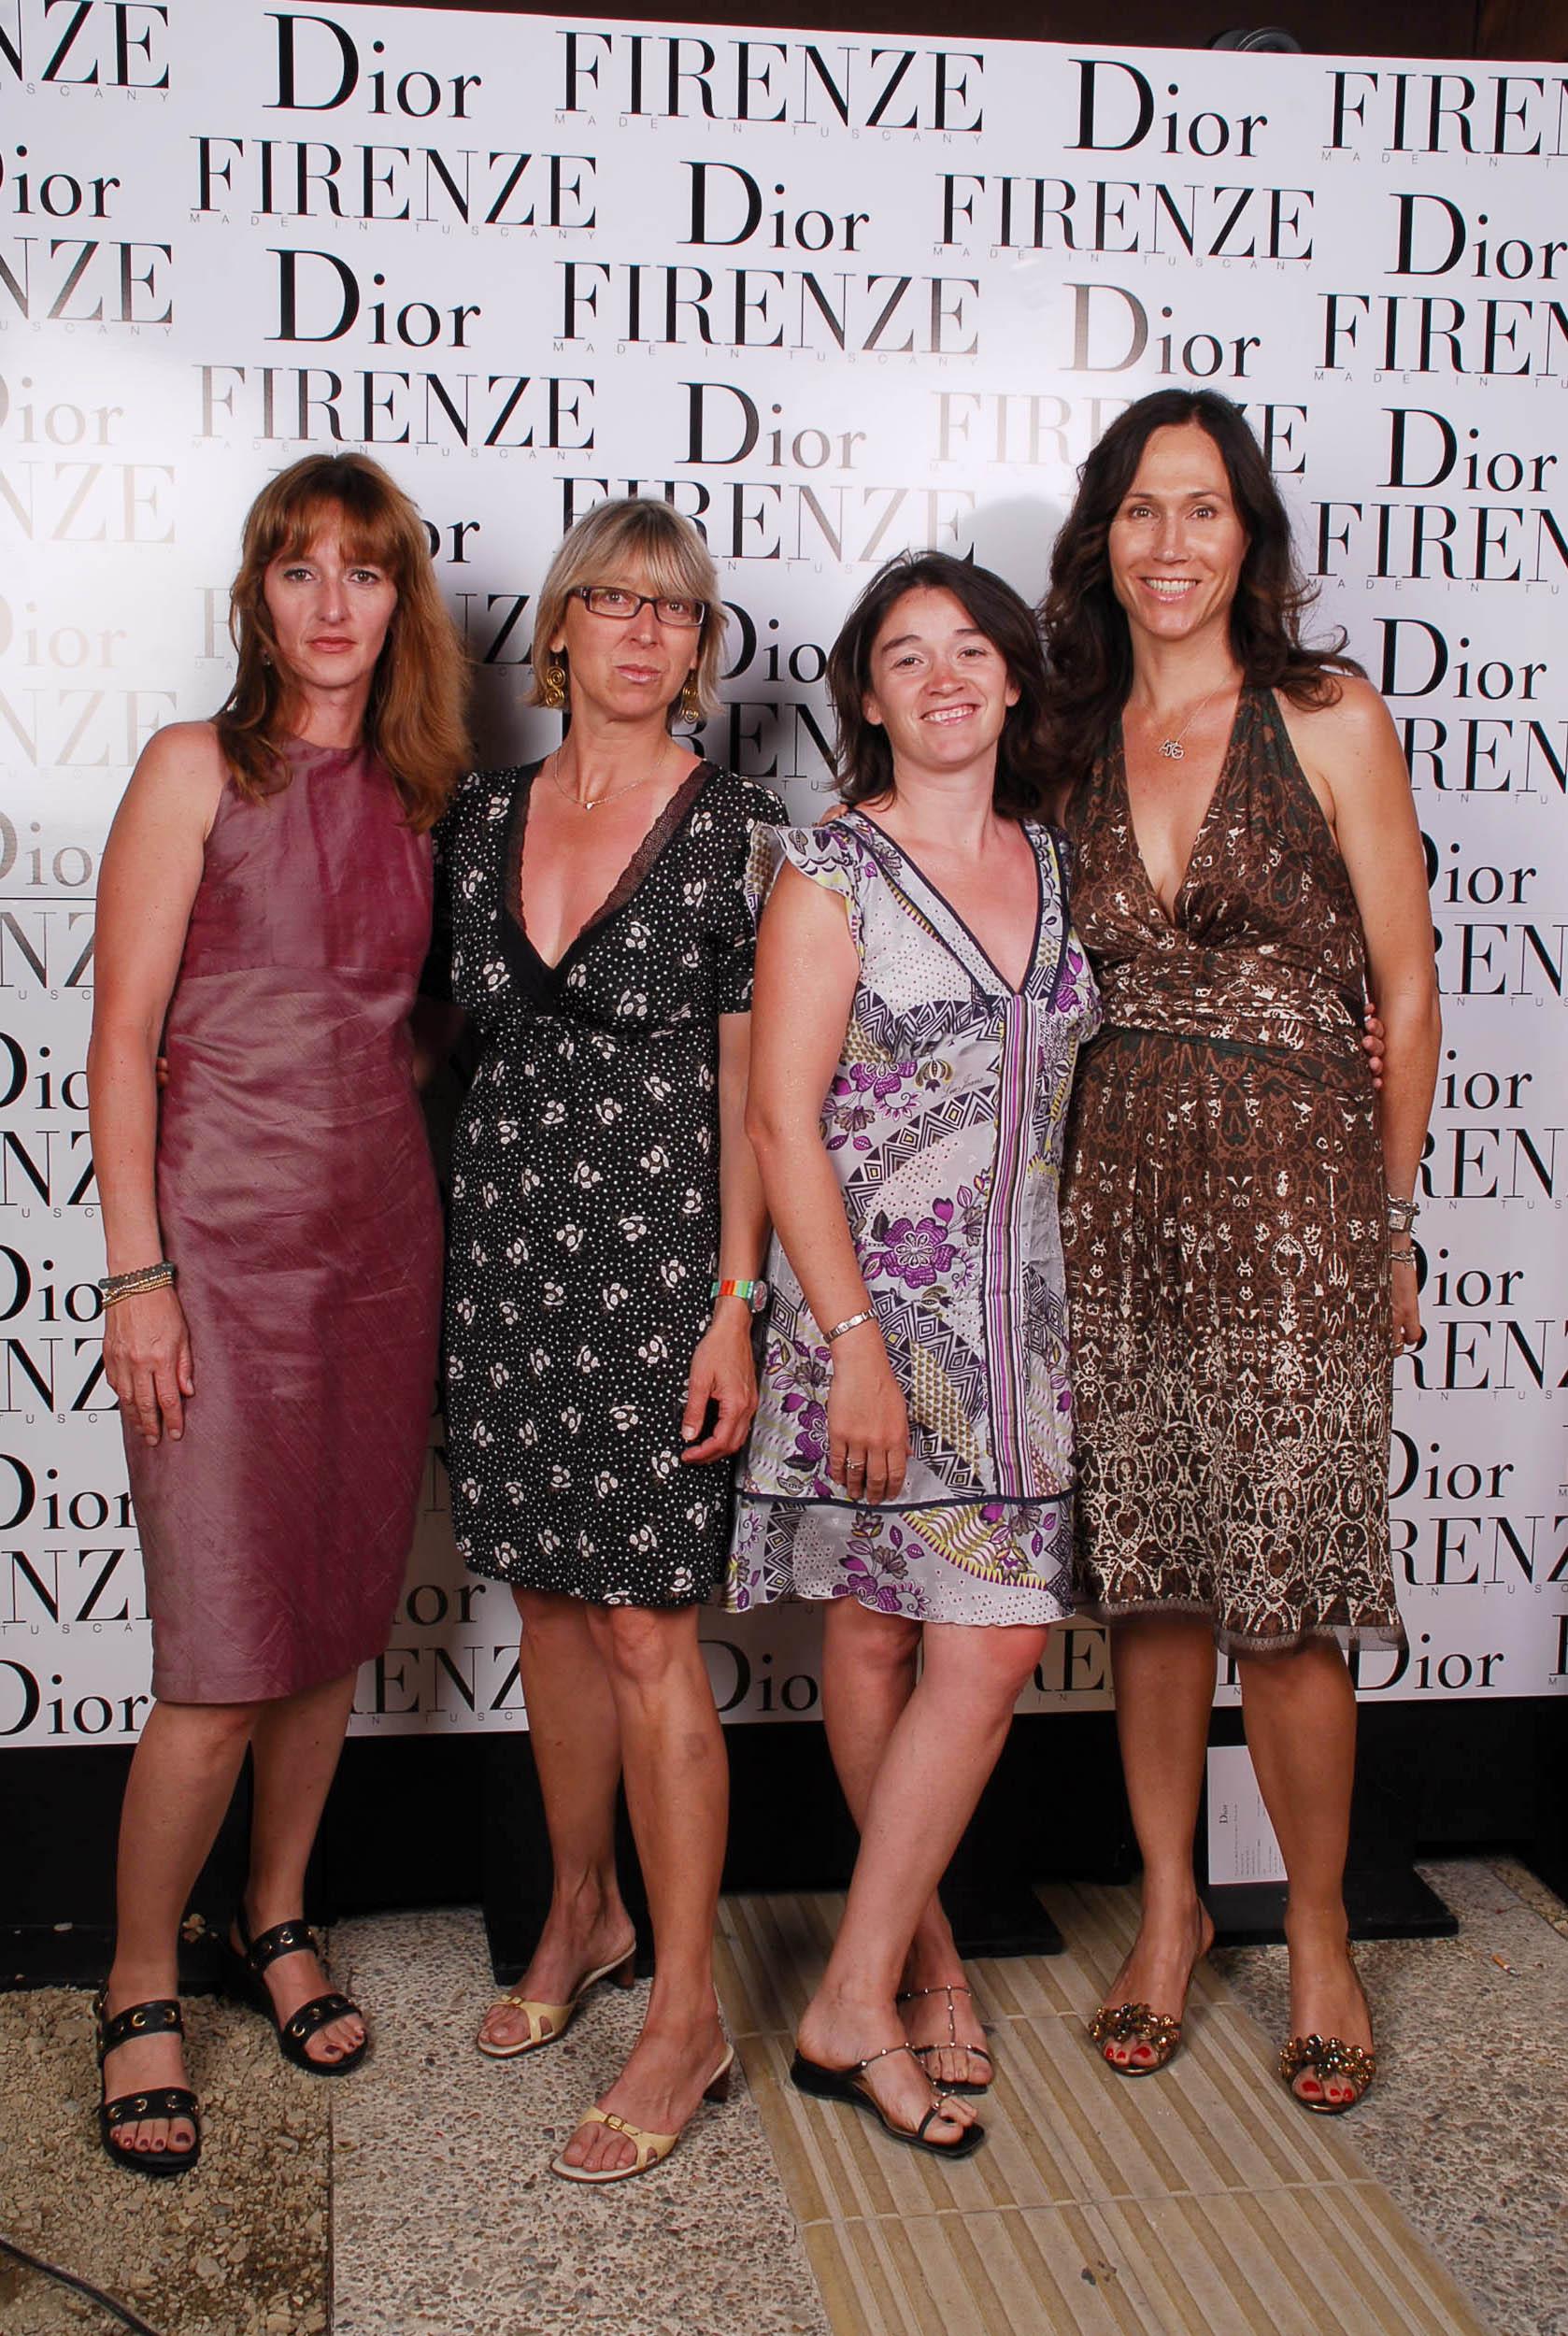 PRESSPHOTO  Firenze, evento Dior al teatro romano di Fiesole. Nella foto Marianna Vaccarino, Anna Menaldo, Elisa Signorini e Anne Hamro